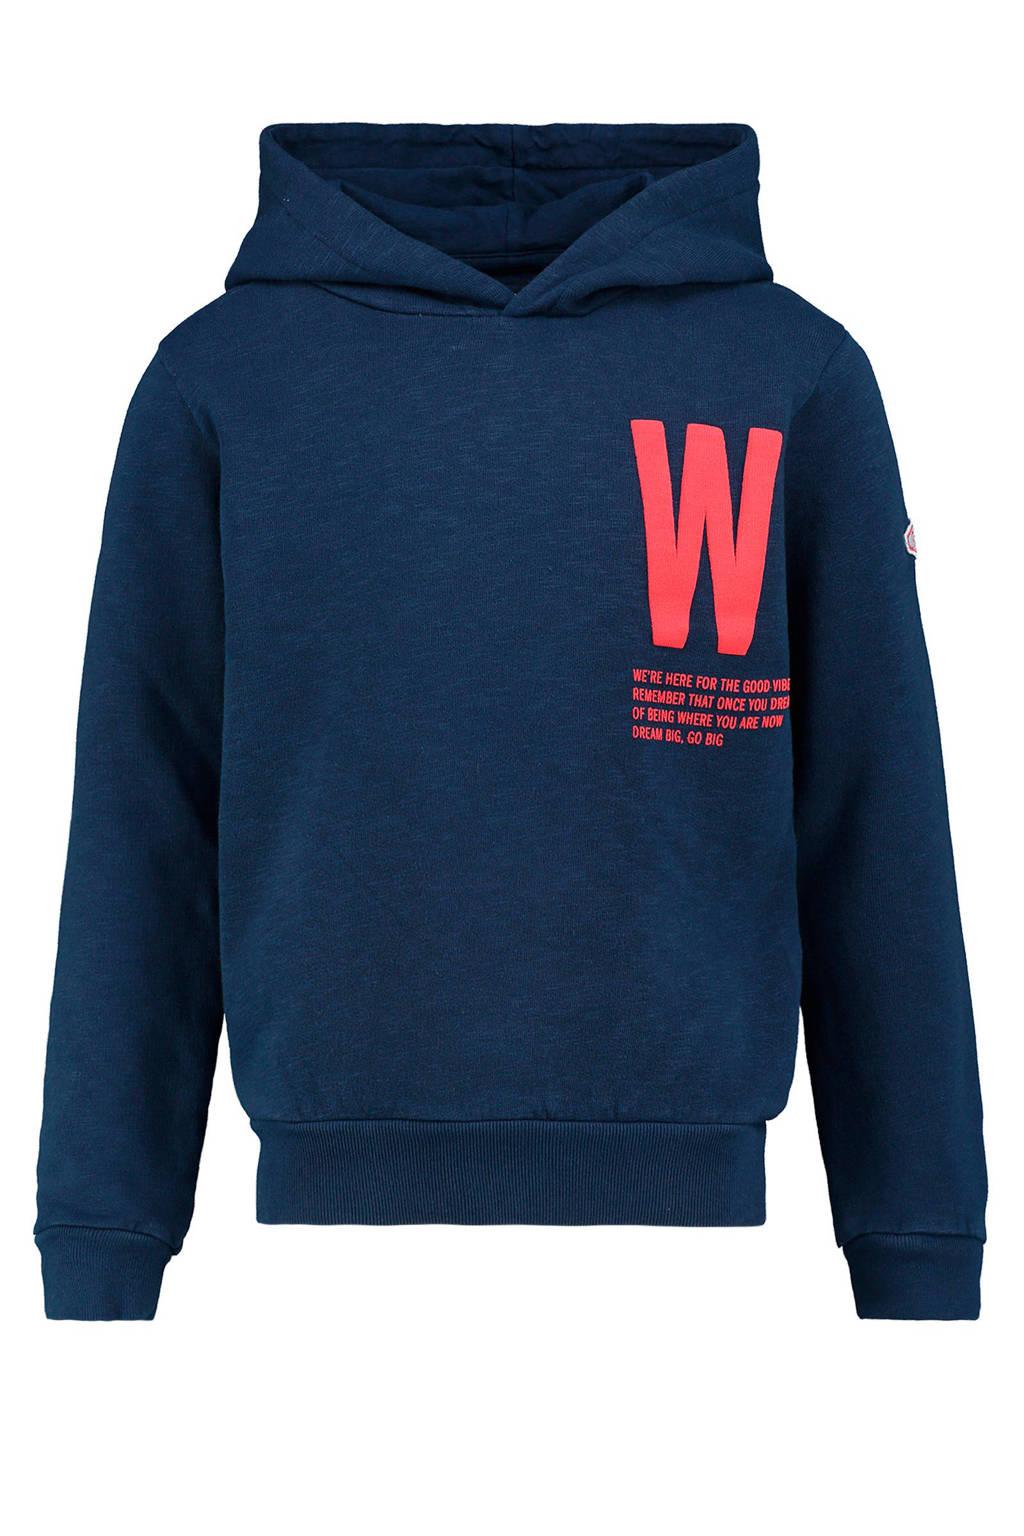 CKS KIDS hoodie Warhole met printopdruk donkerblauw, Donkerblauw